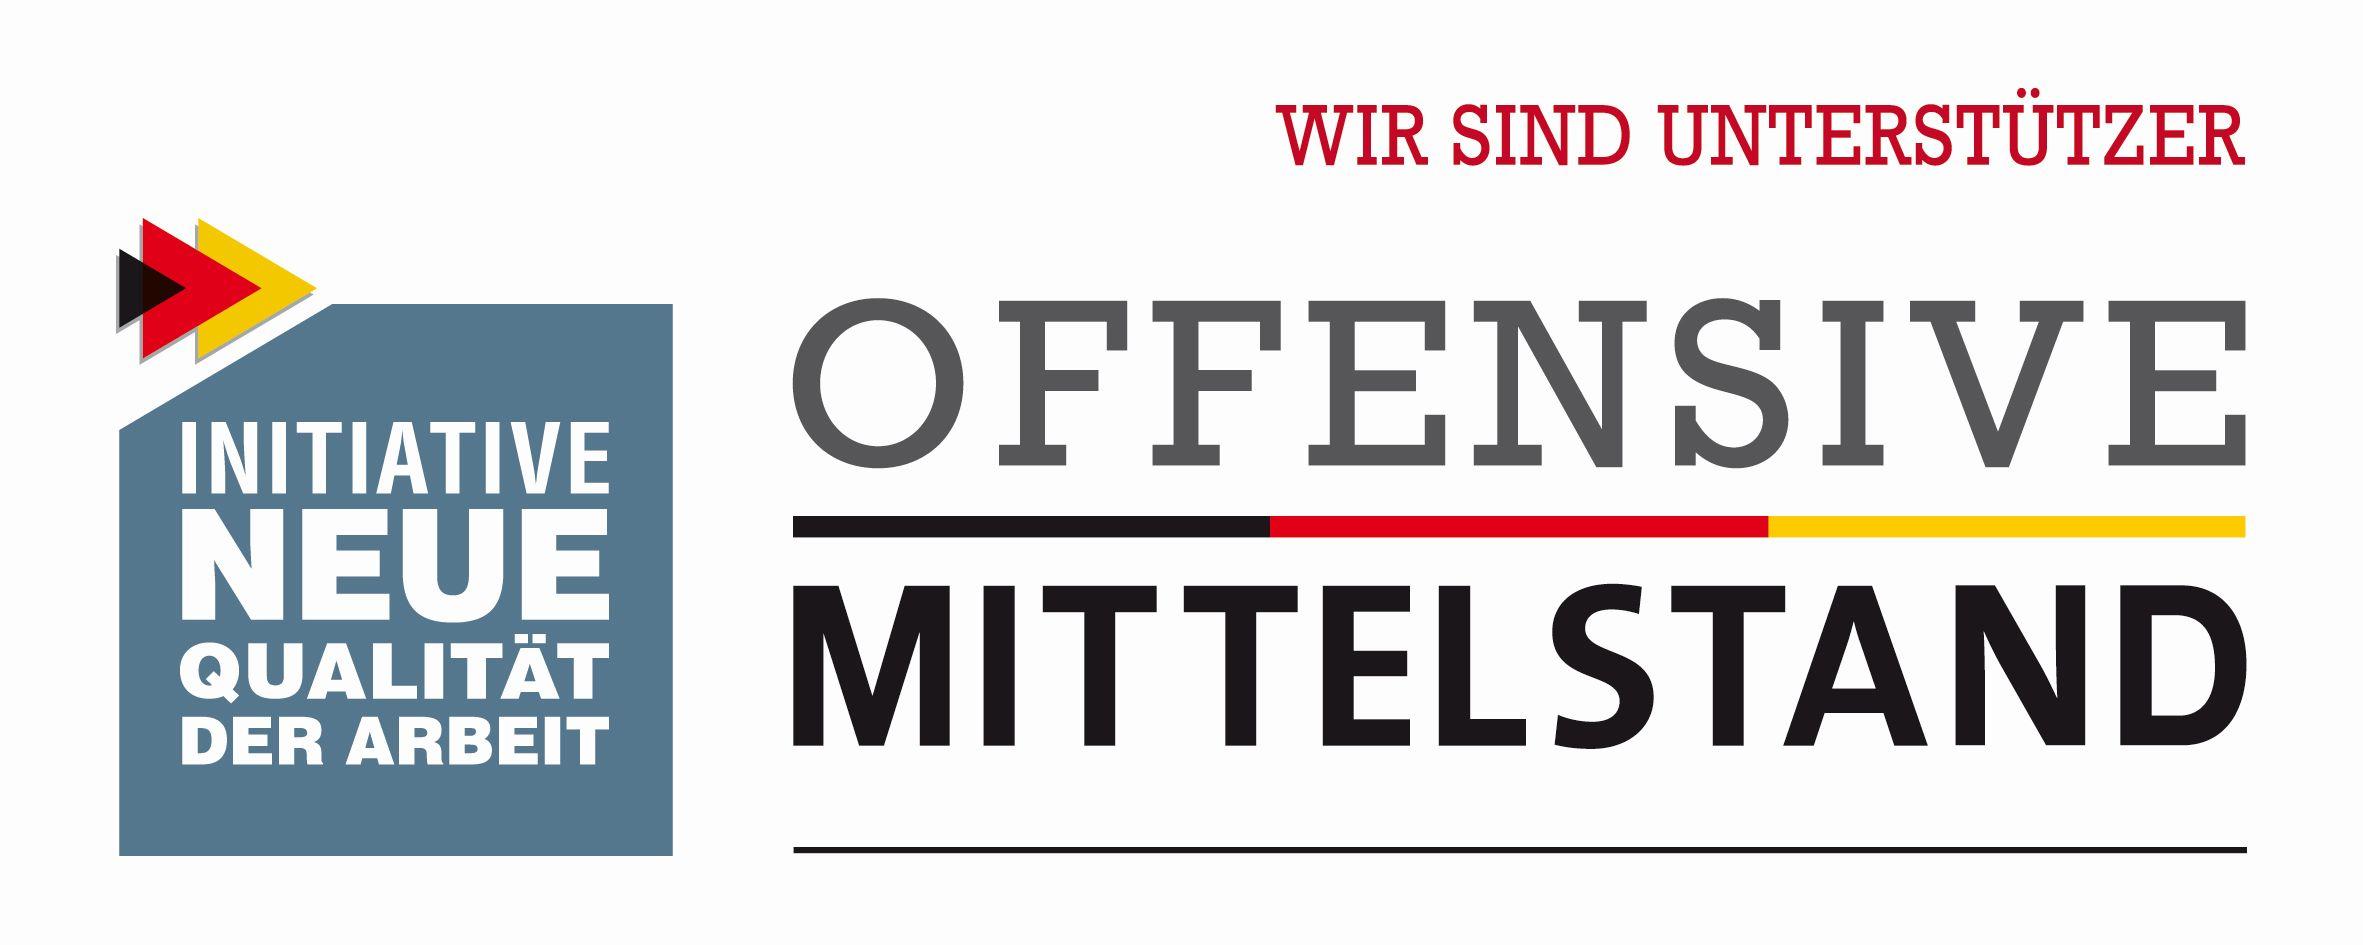 OM_Logo_4c_Wir_sind_Unterstuetzer.jpg